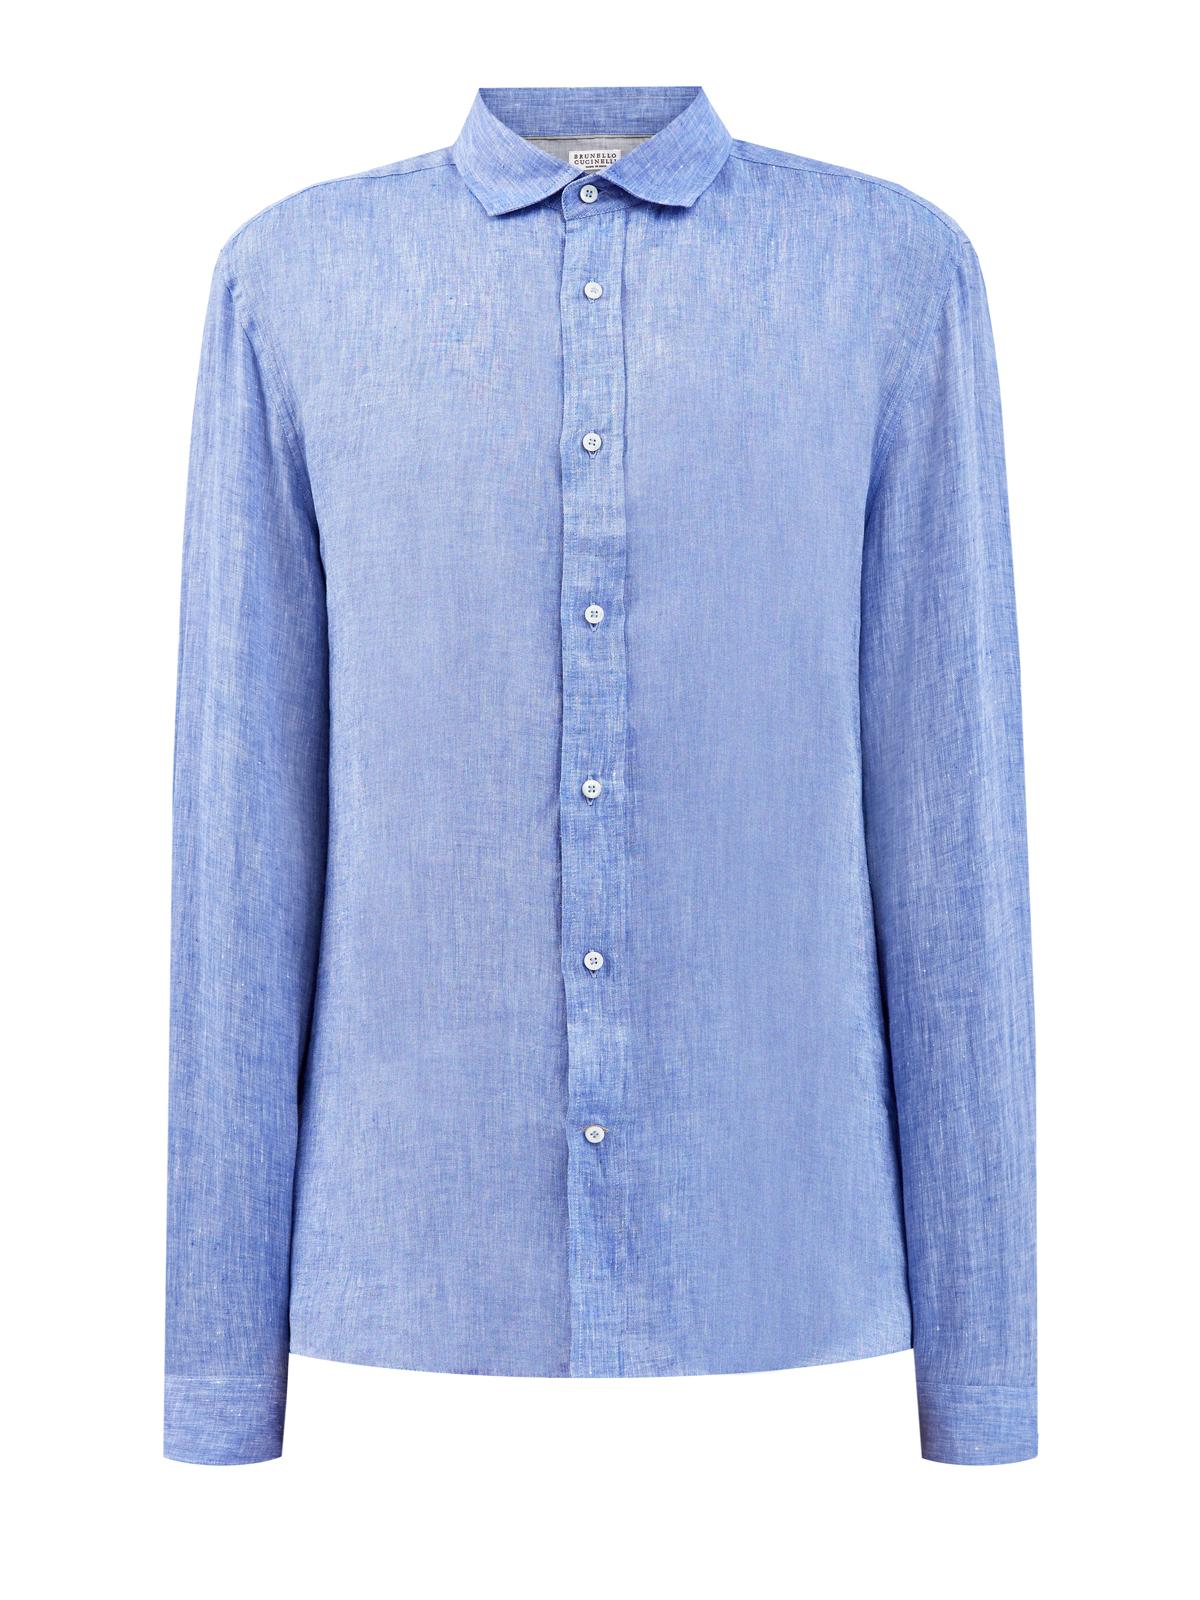 Рубашка ручной работы из дышащей льняной ткани